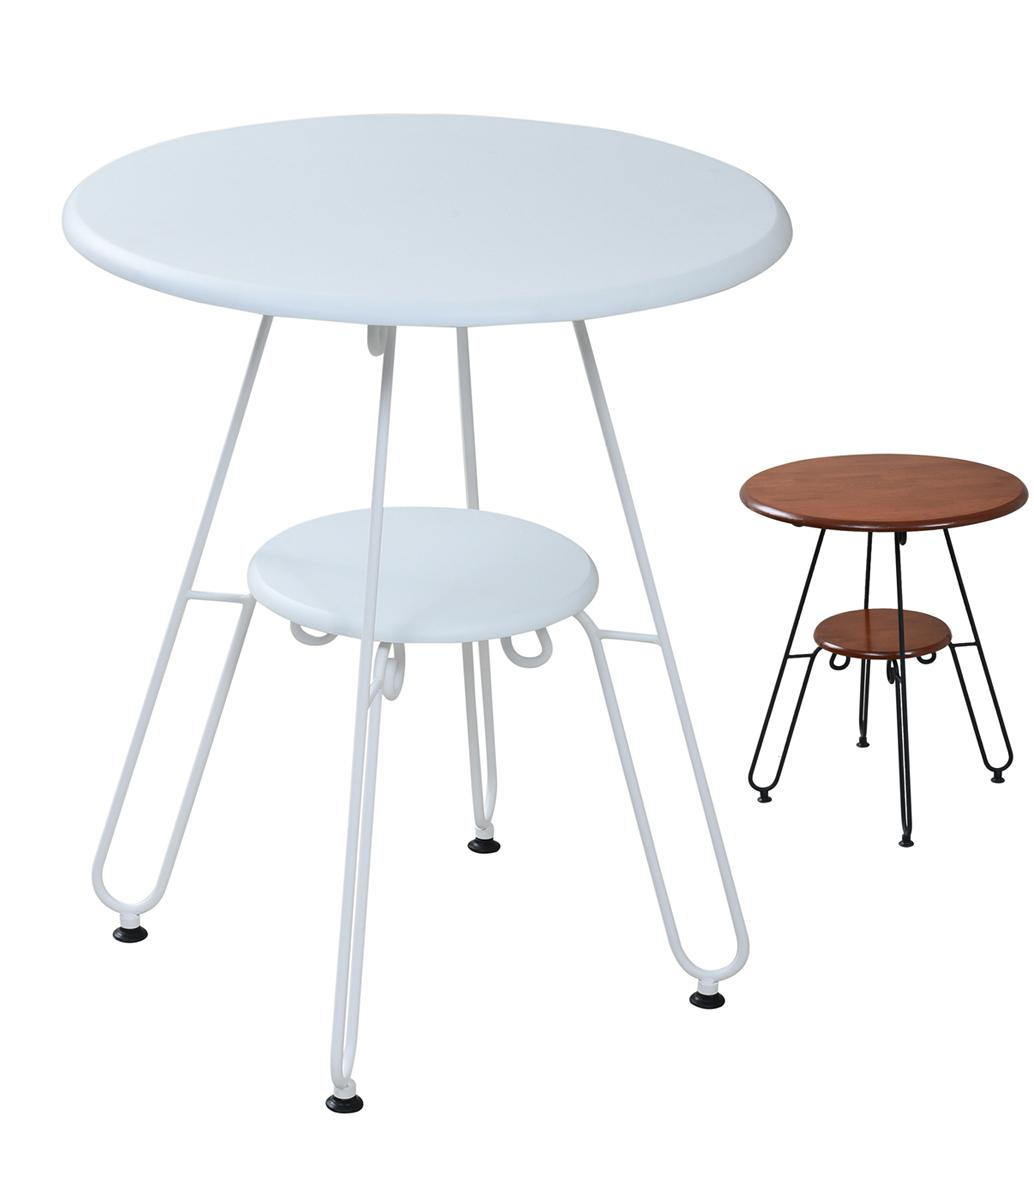 ロートアイアンシリーズ アンティーク調ダイニングテーブル 送料無料 激安セール アウトレット価格